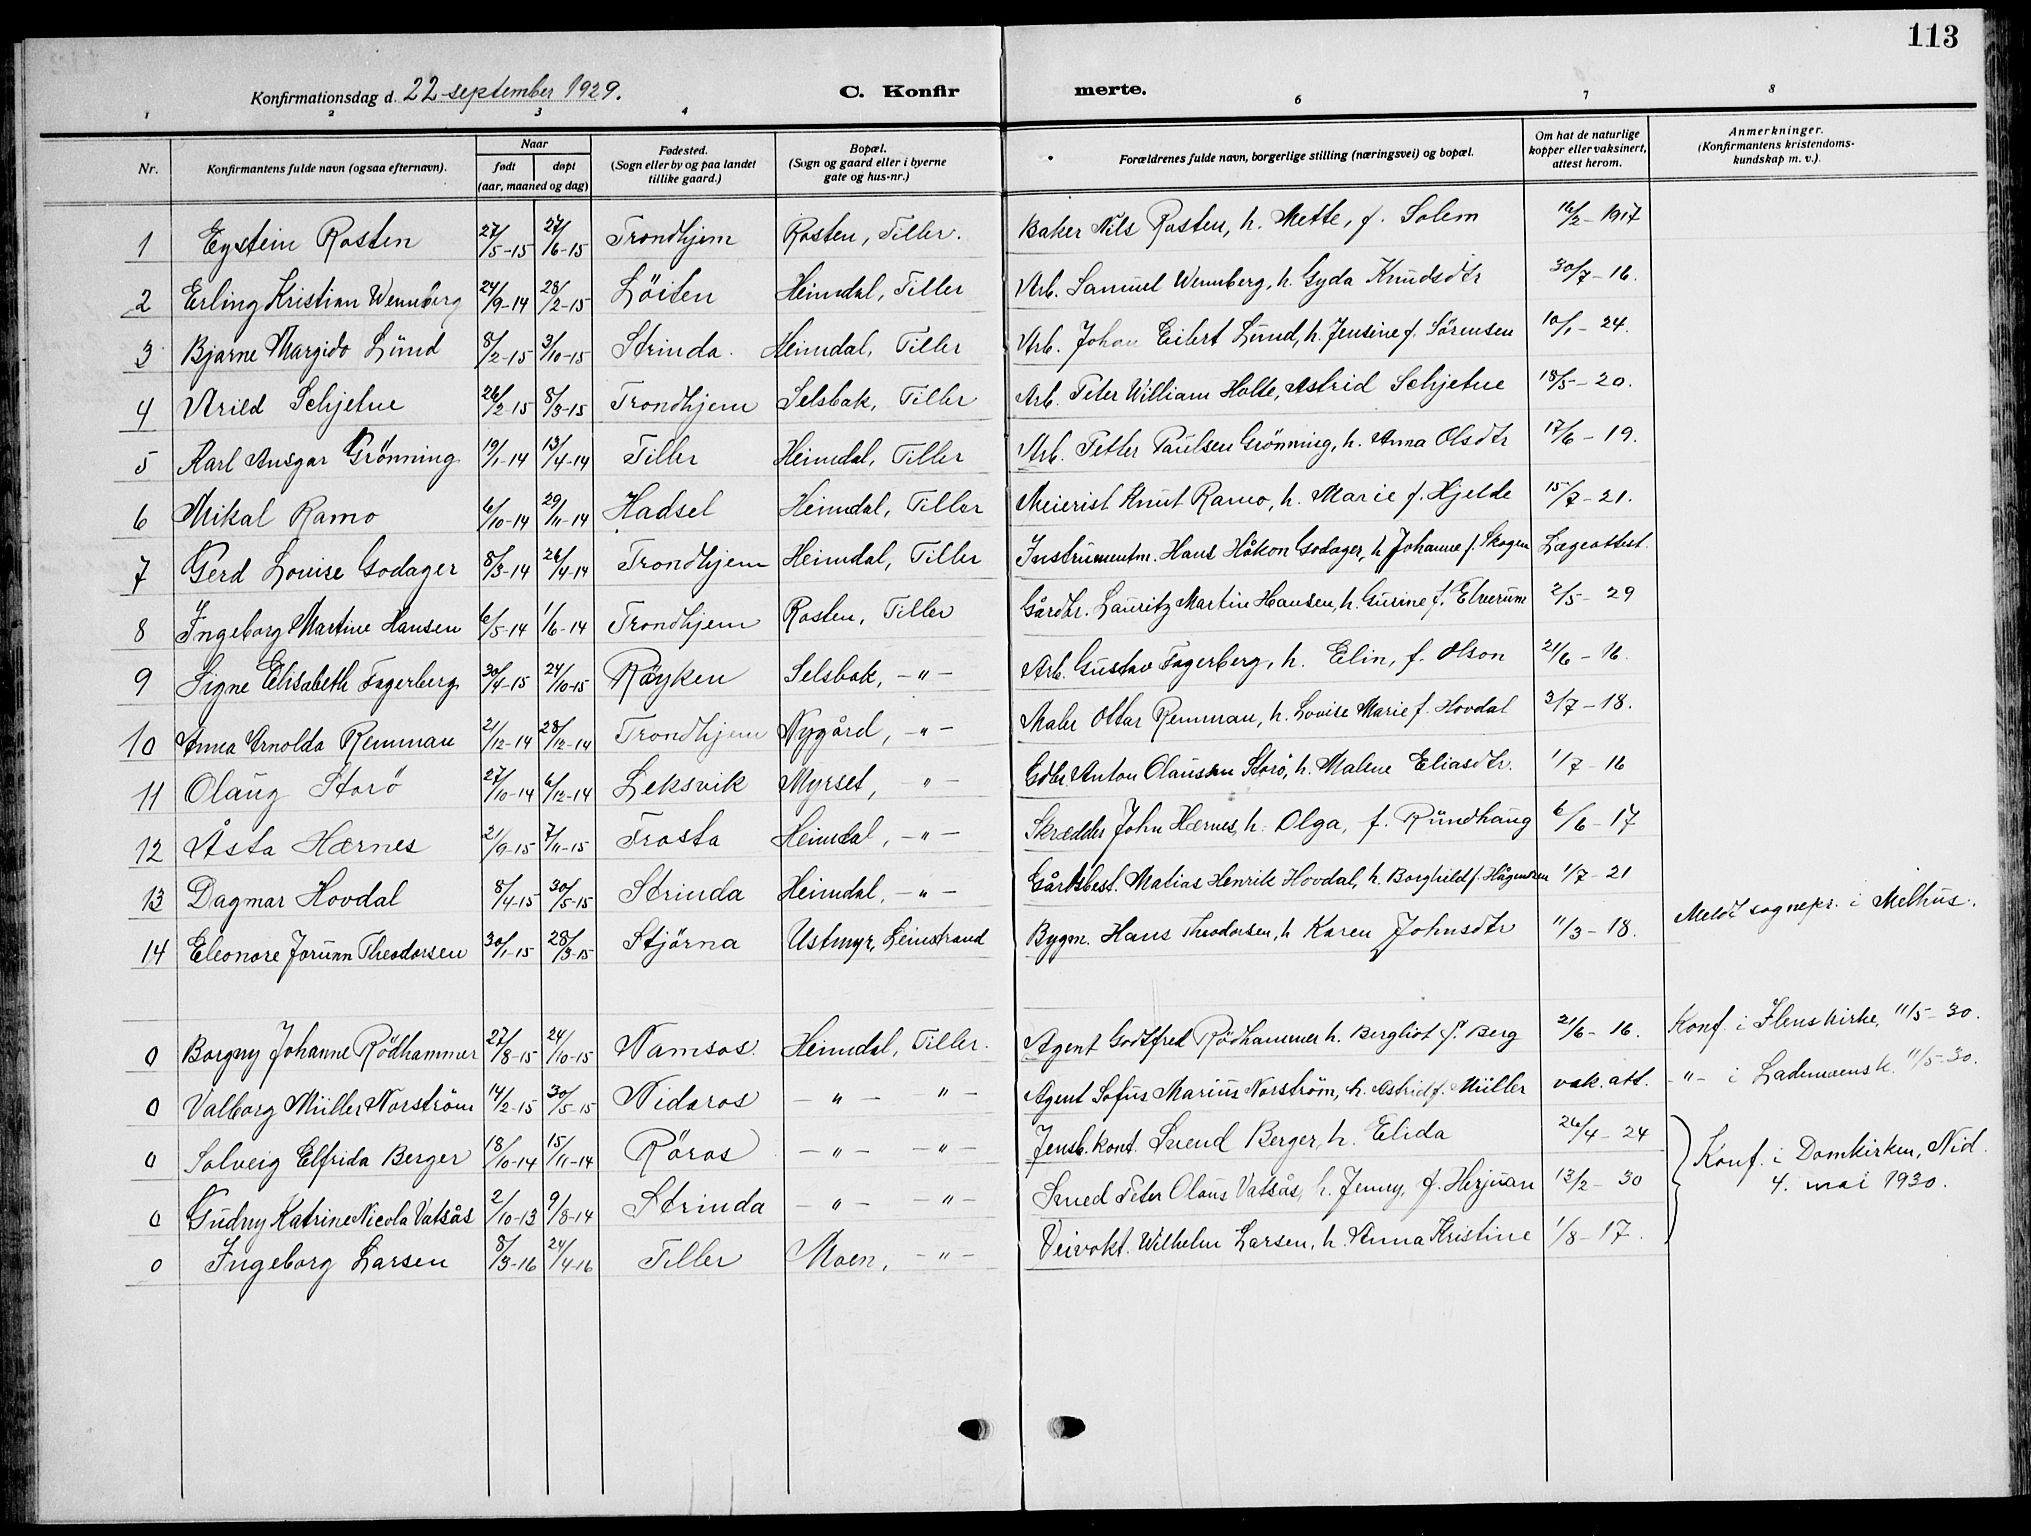 SAT, Ministerialprotokoller, klokkerbøker og fødselsregistre - Sør-Trøndelag, 621/L0462: Klokkerbok nr. 621C05, 1915-1945, s. 113